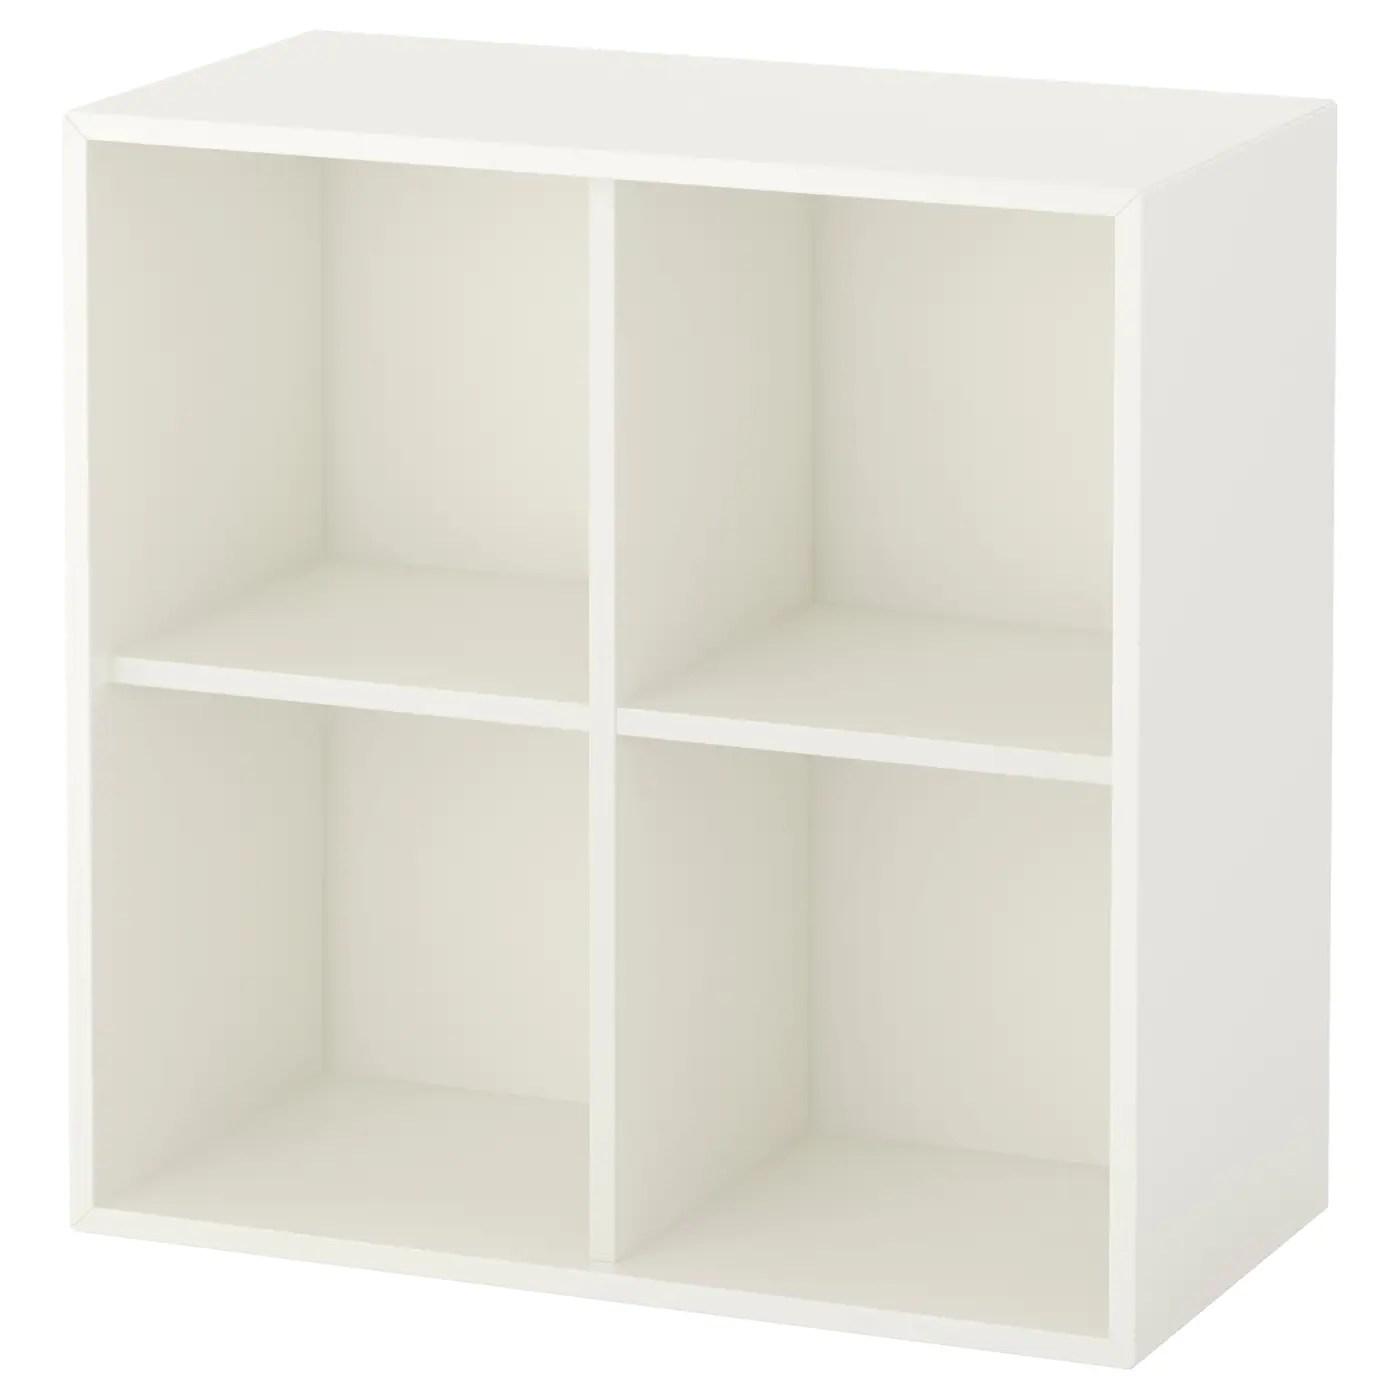 Witte Kast Met Vakken.Kast Met Vakken Eket Kast Met 4 Vakken Wit 70 X 35 X 70 Cm Ikea